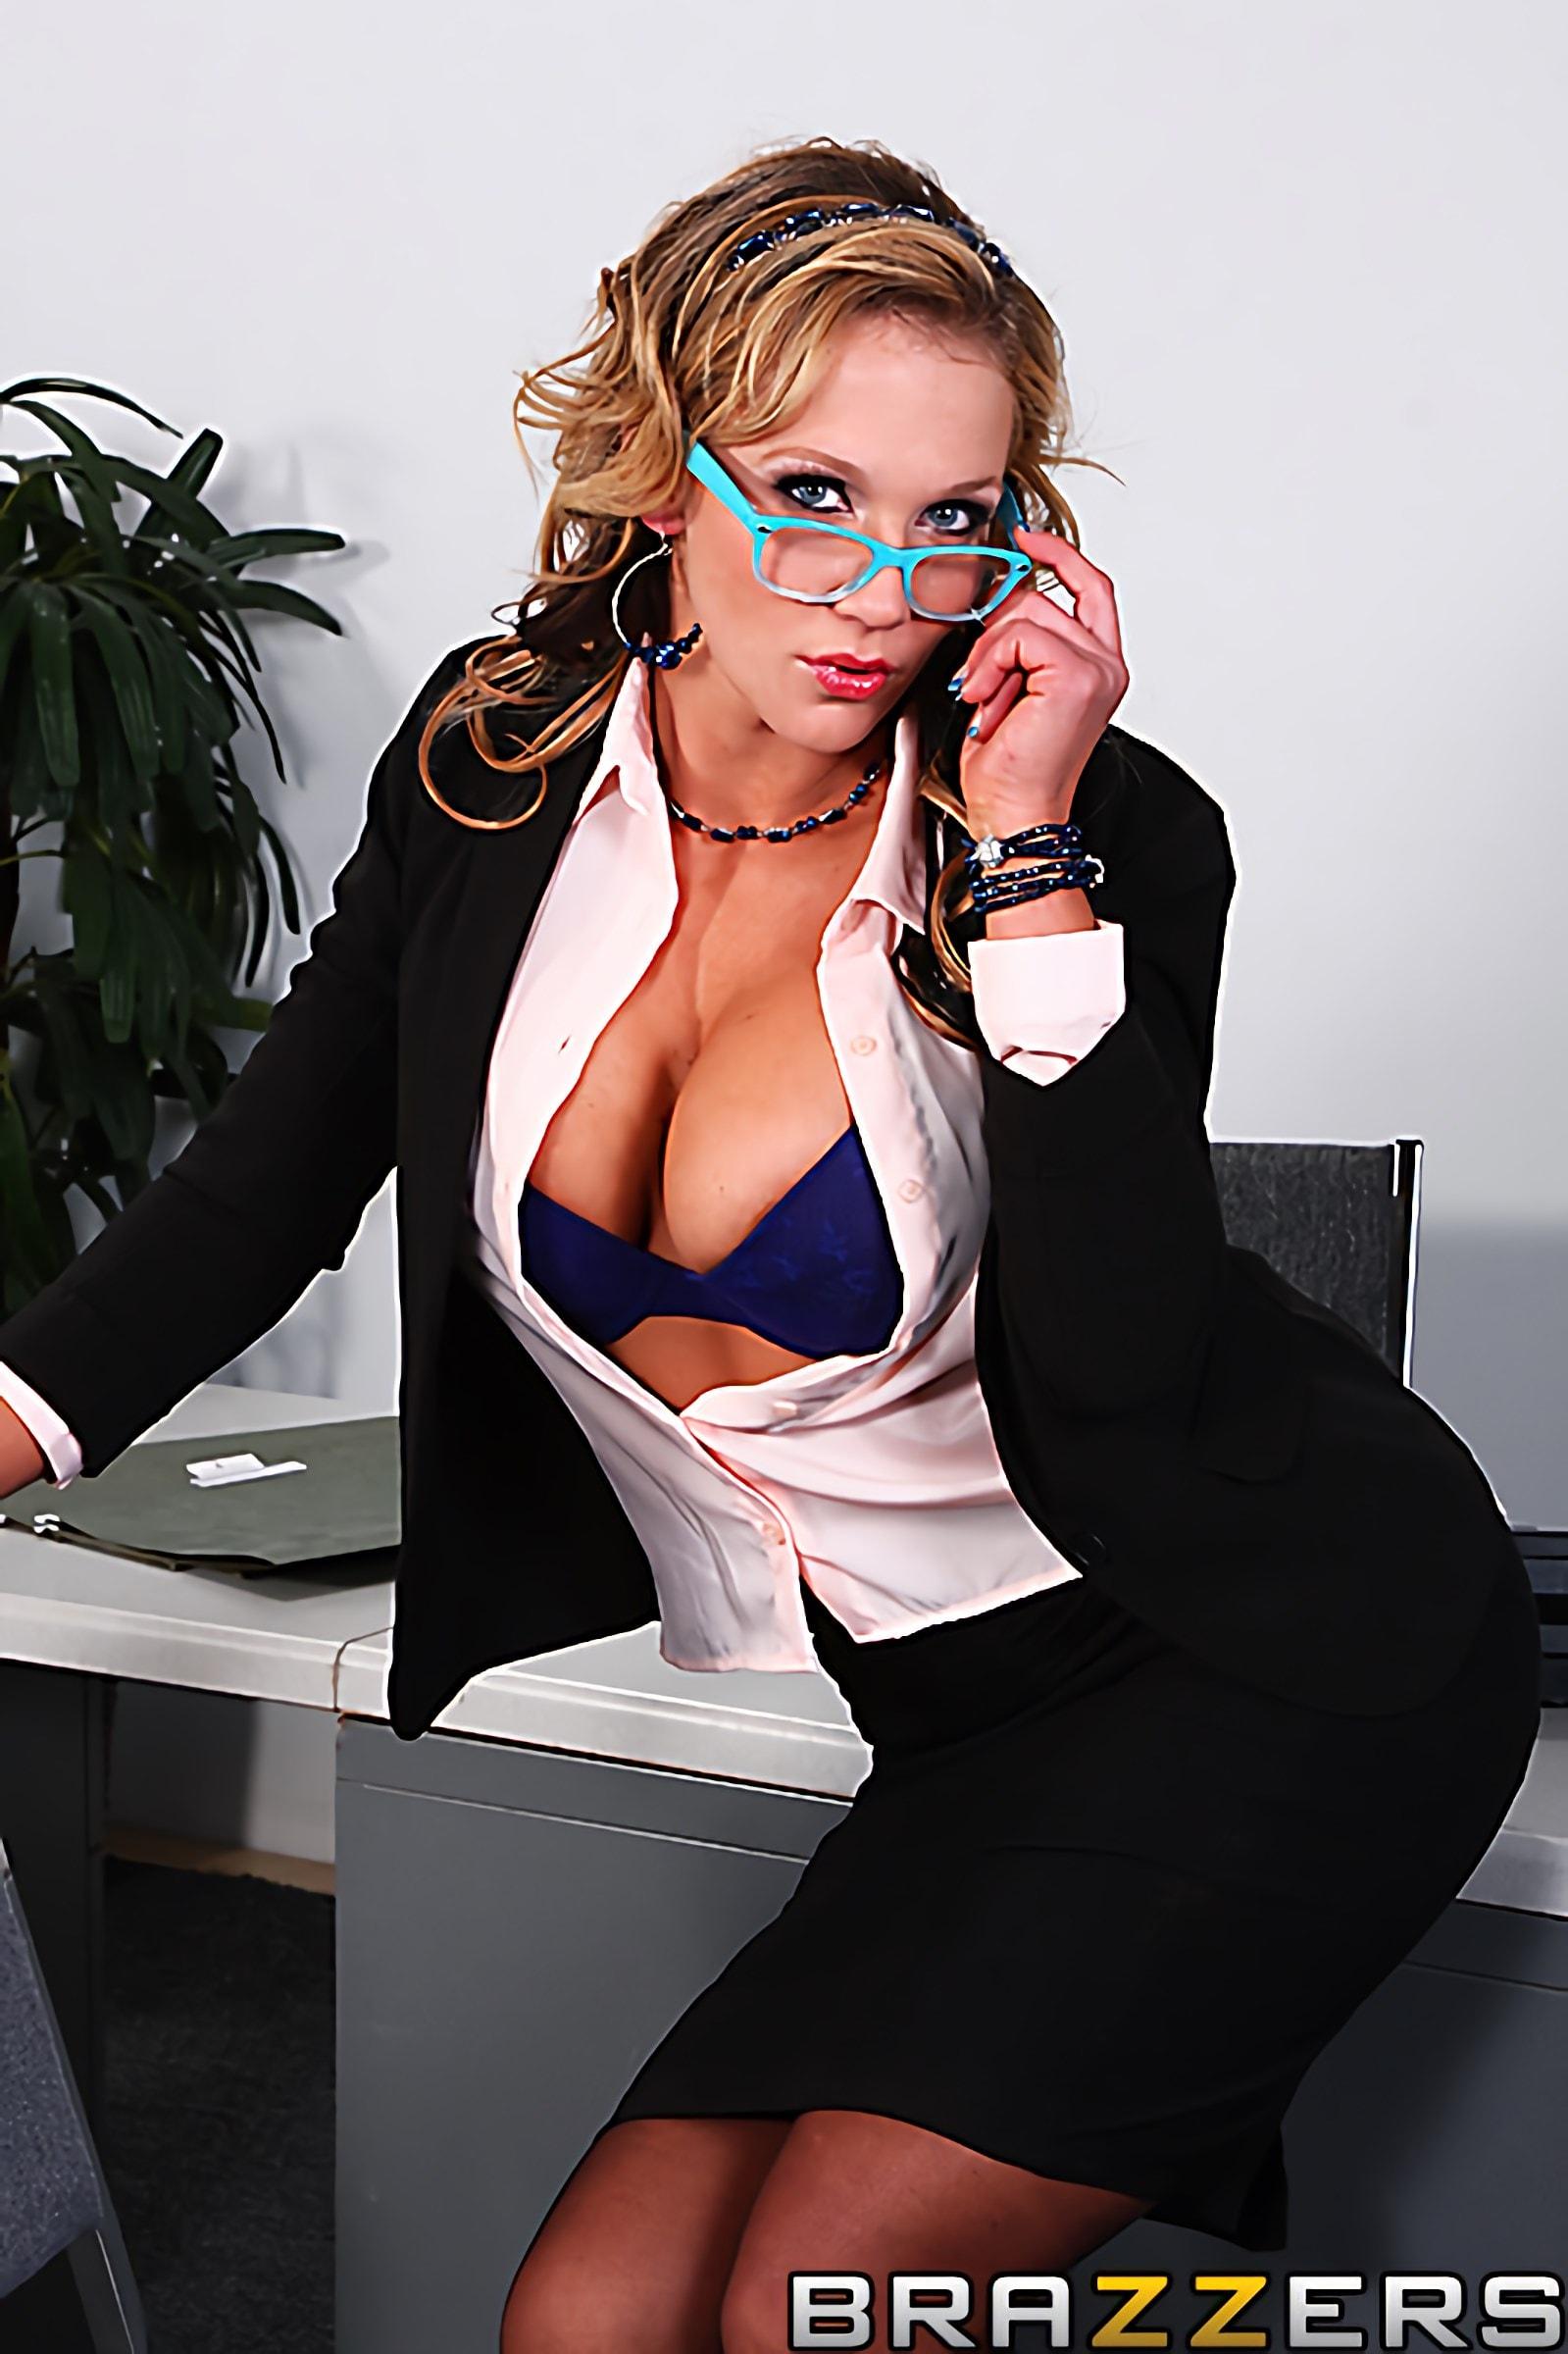 Brazzers 'Probe-Ation Therapy' starring Nikki Sexx (Photo 12)